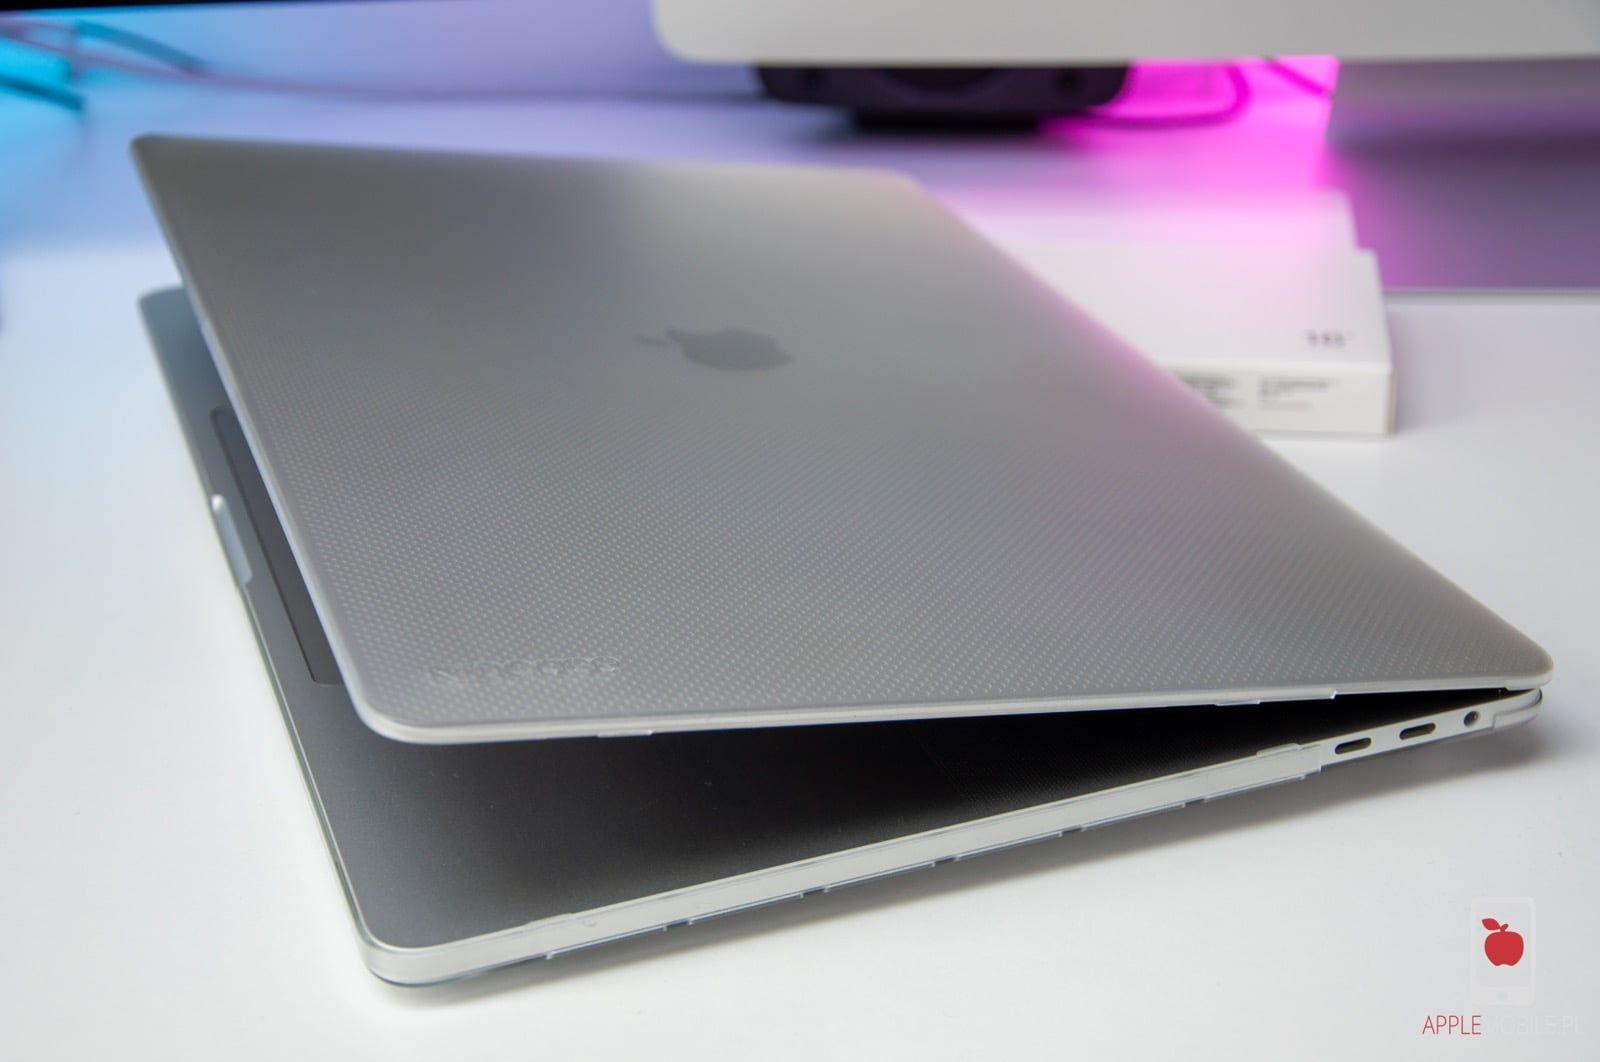 """Recenzja etui Incase Hardshell Case – czyli jak pogodzić genialny wygląd nowego Macbooka Pro 16"""" z wysokim poziomem ochrony"""